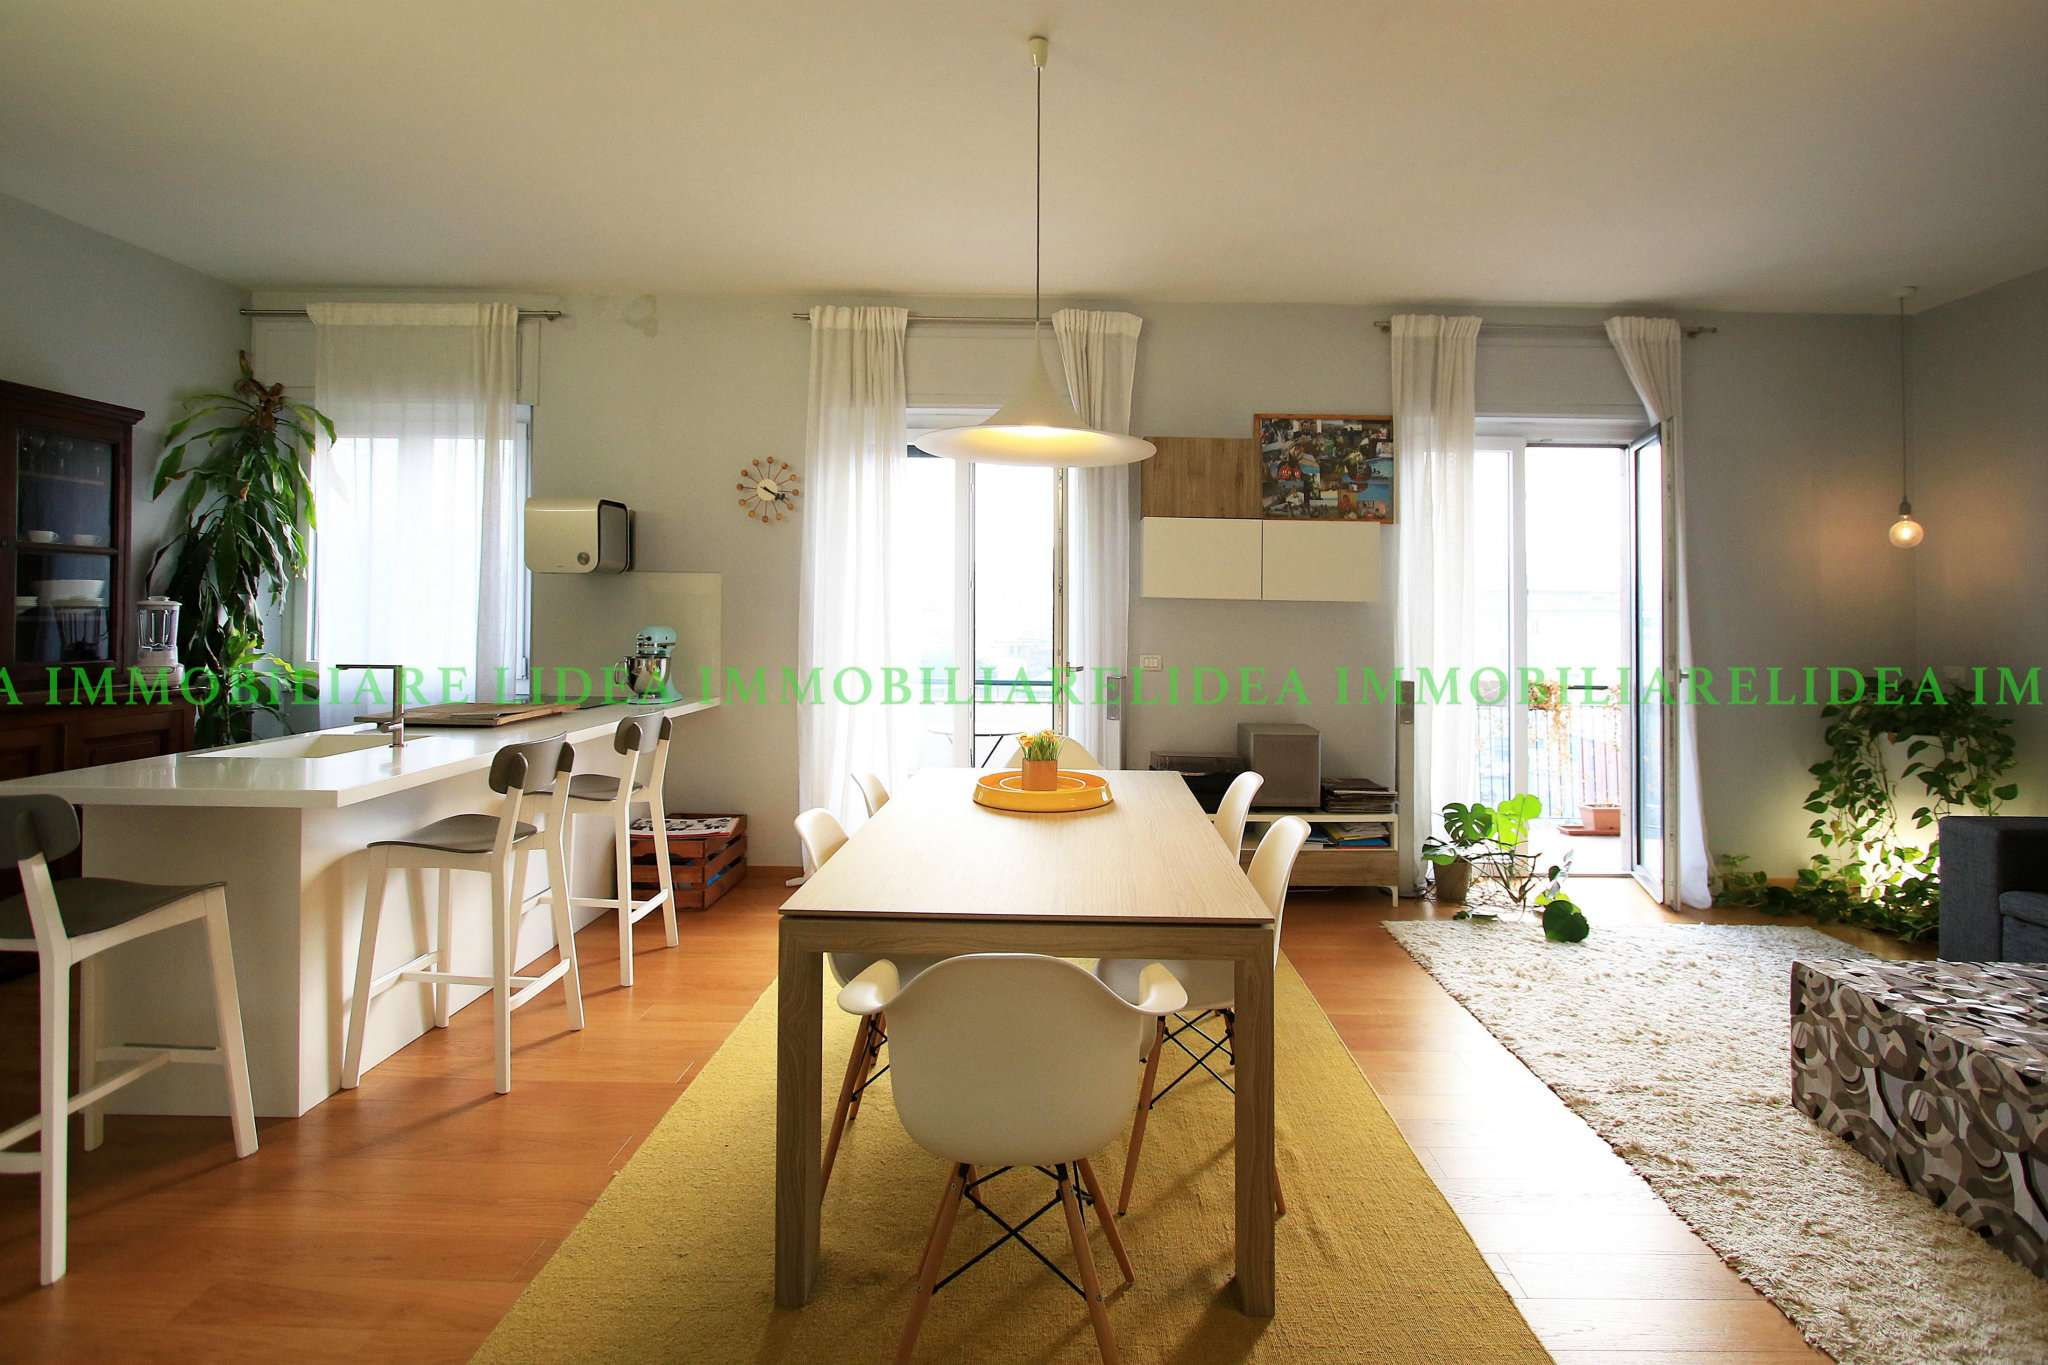 Appartamento in Vendita a Milano piazza piemonte